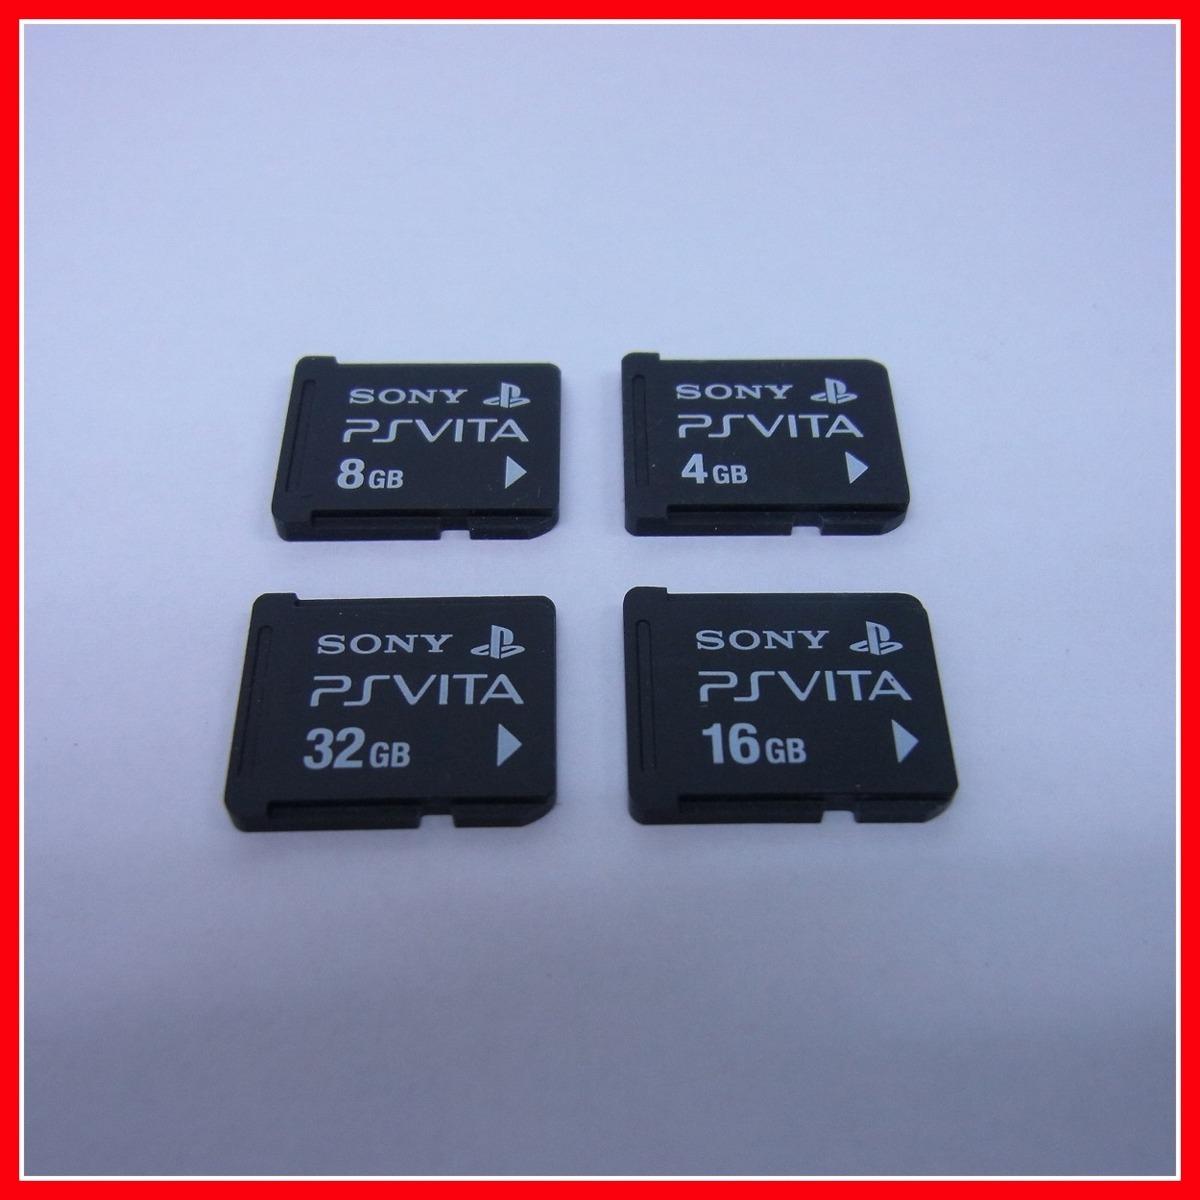 PSVITA プレイステーション・ヴィータ メモリーカード 4GB/8GB/16GB/32GB まとめて4枚セット 初期化済 SONY【PP